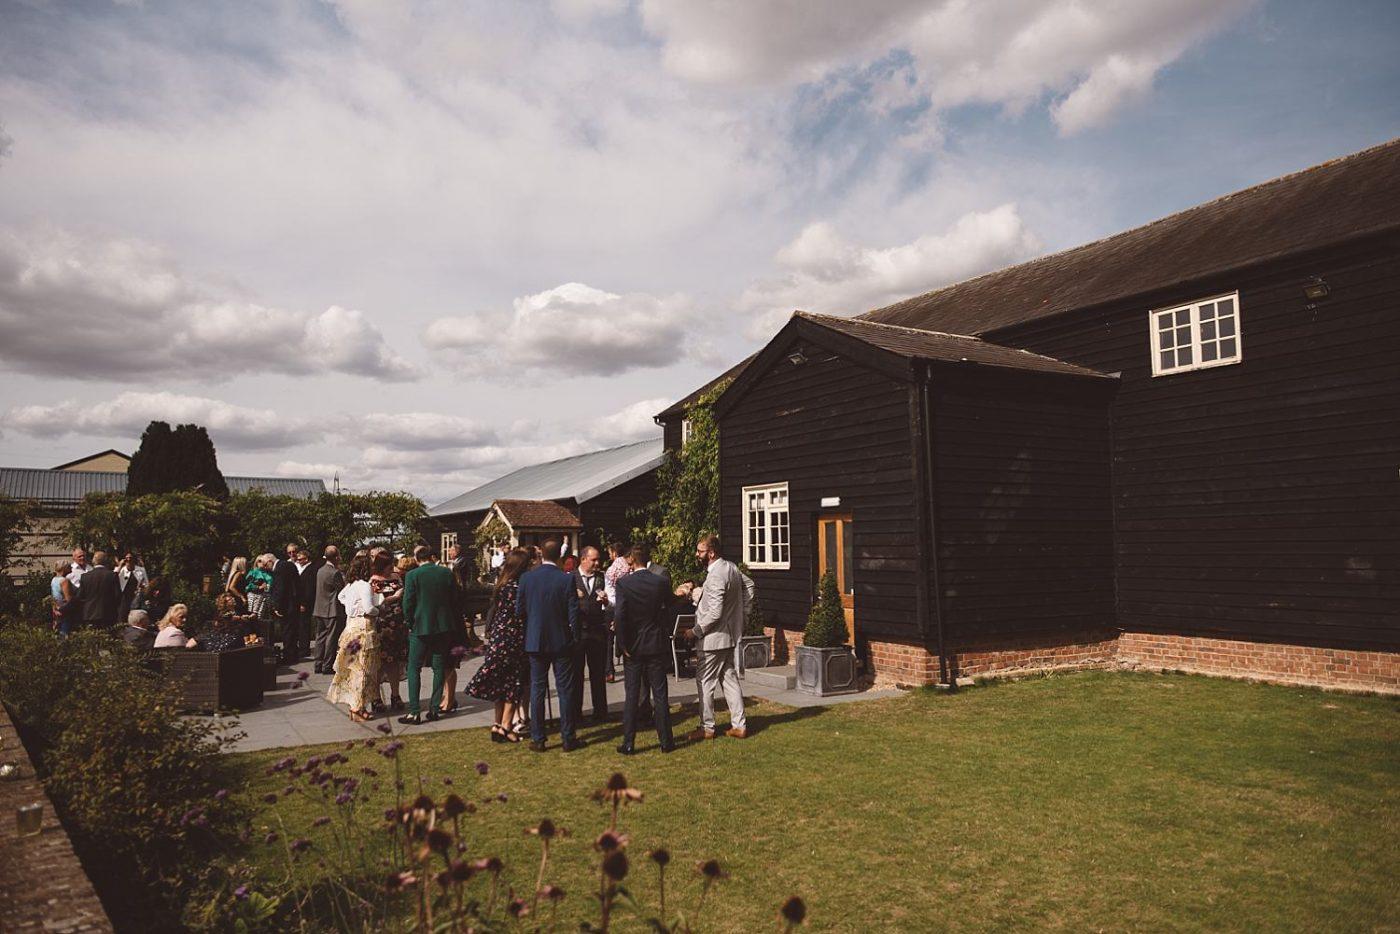 Milling Barn wedding guests enjoying a drink